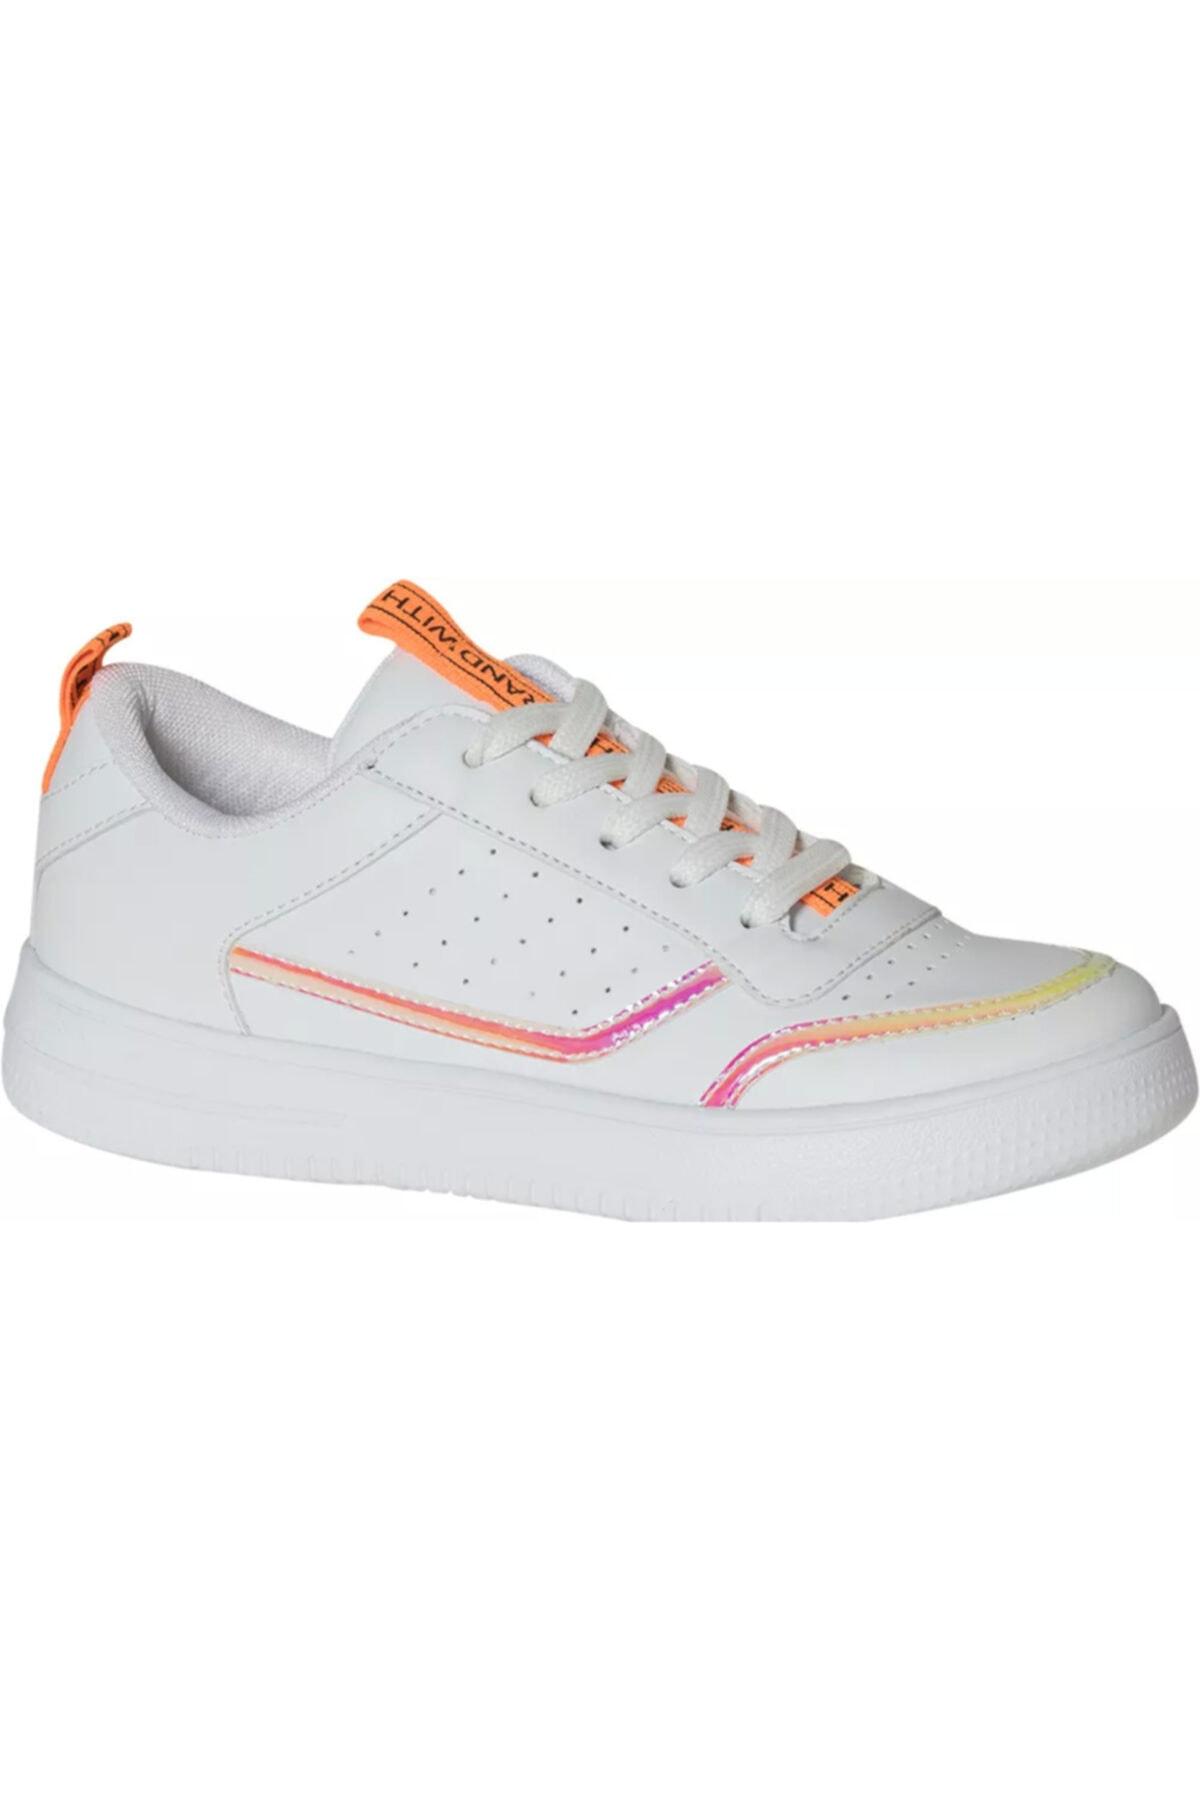 Fila Sneaker 1